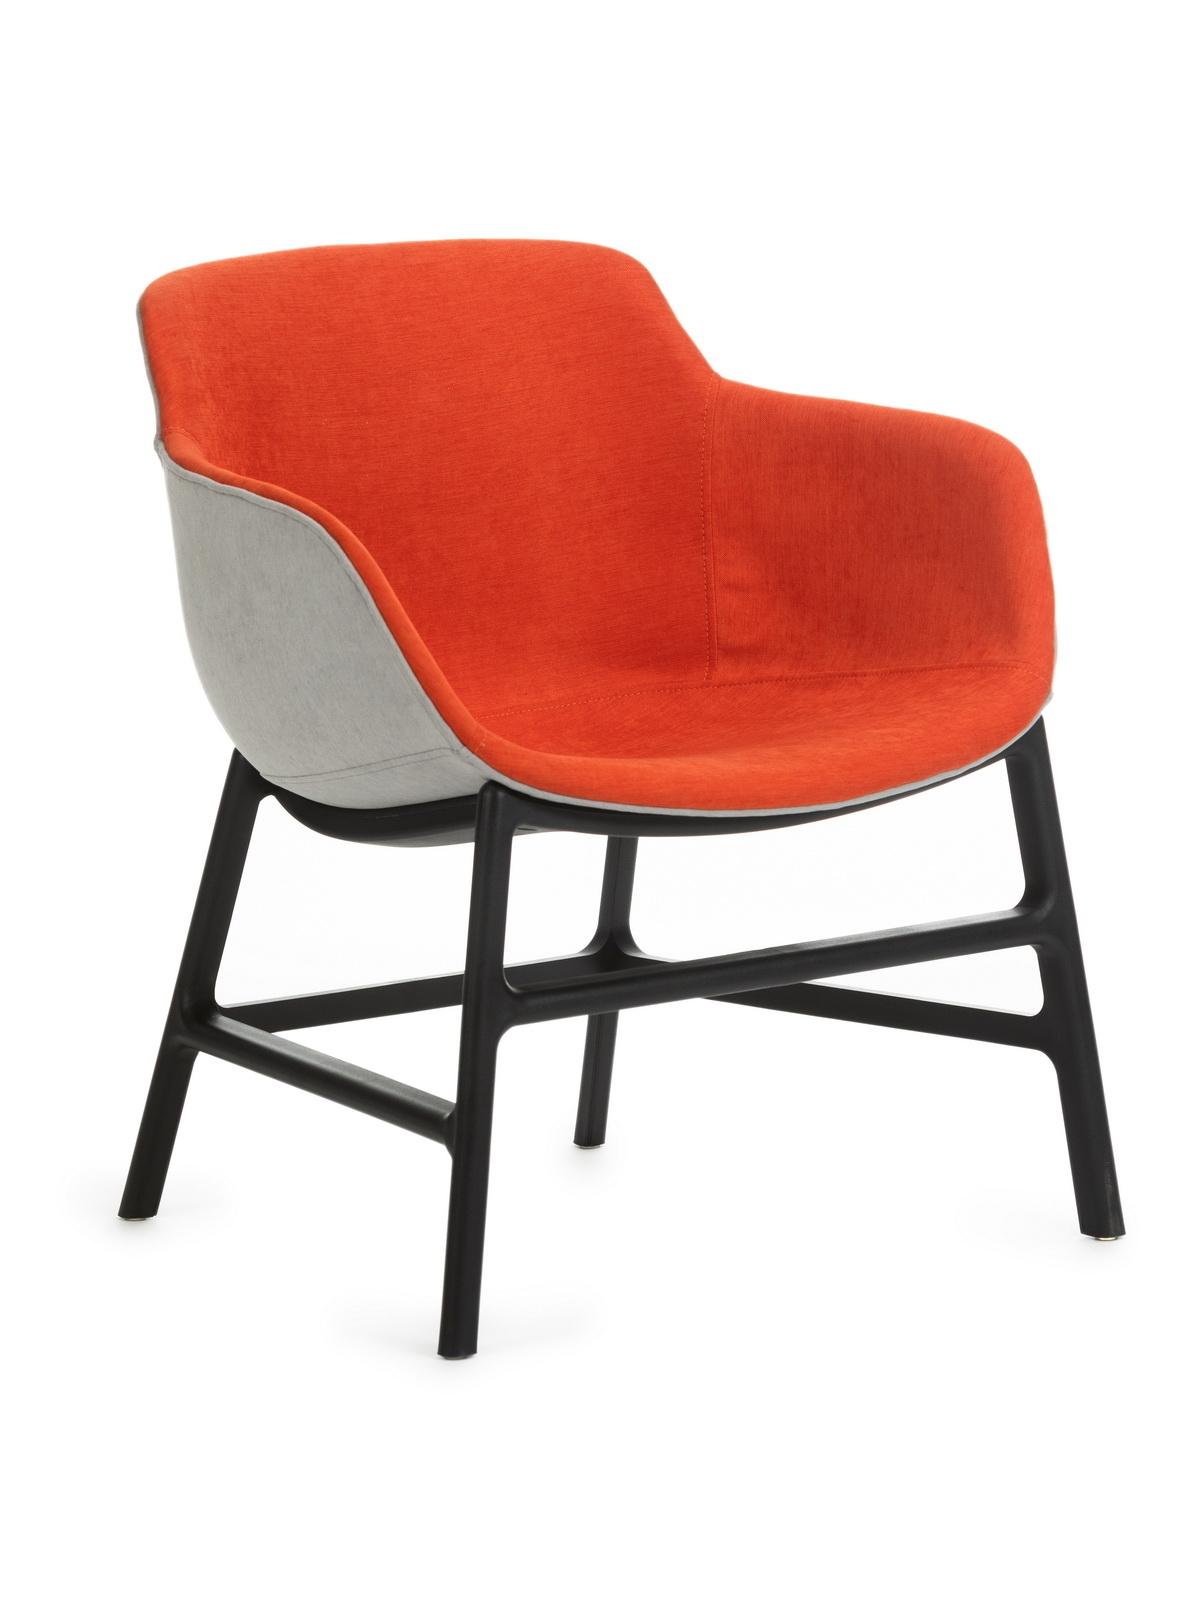 Scaun din plastic tapitat cu stofa, cu picioare din metal Shirley Orange, l63xA62xH70 cm